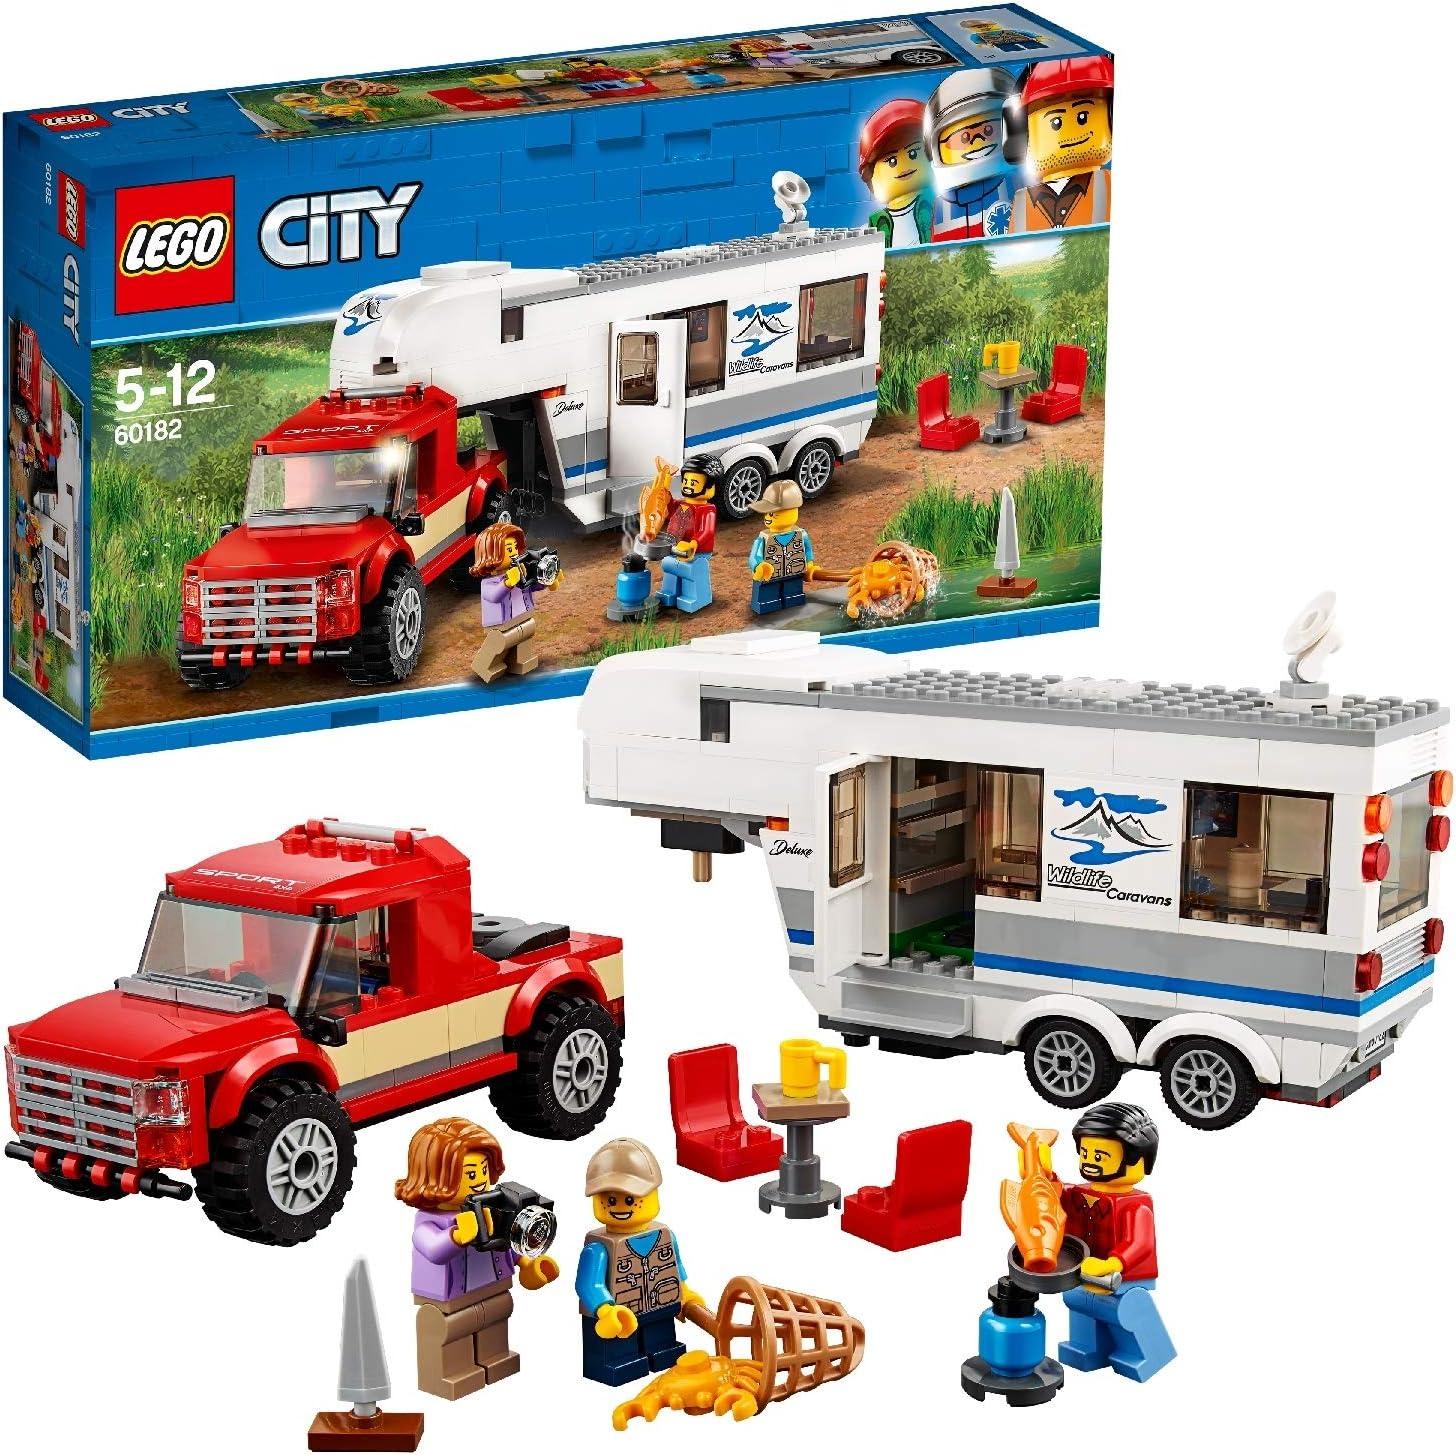 LEGO City 8 - Starke Fahrzeuge Pickup und Wohnwagen, Spielzeug für  Jungen und Mädchen